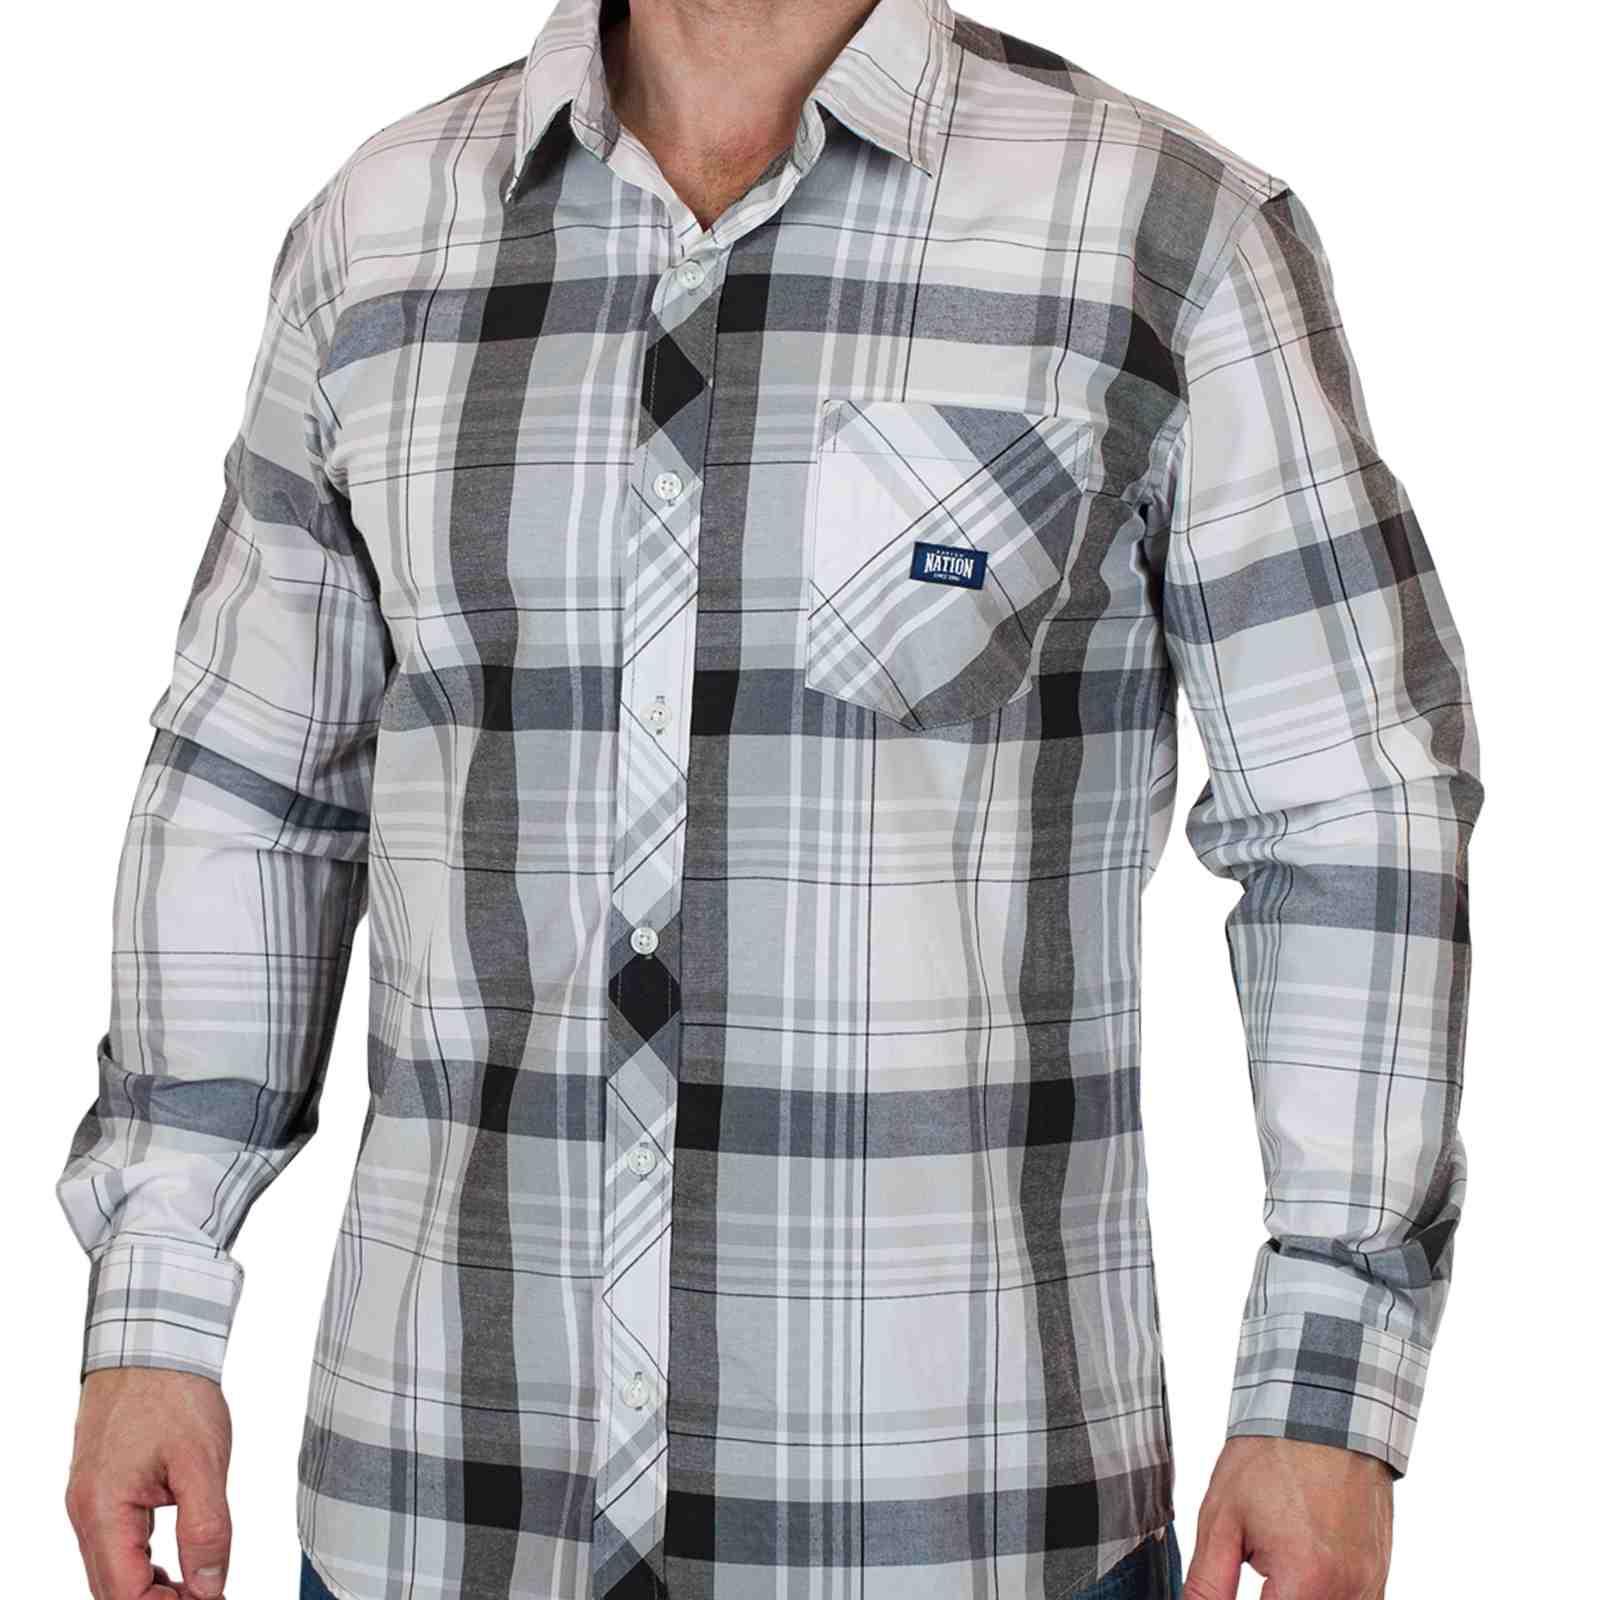 Купить рубашку в Пскове по выгодной цене